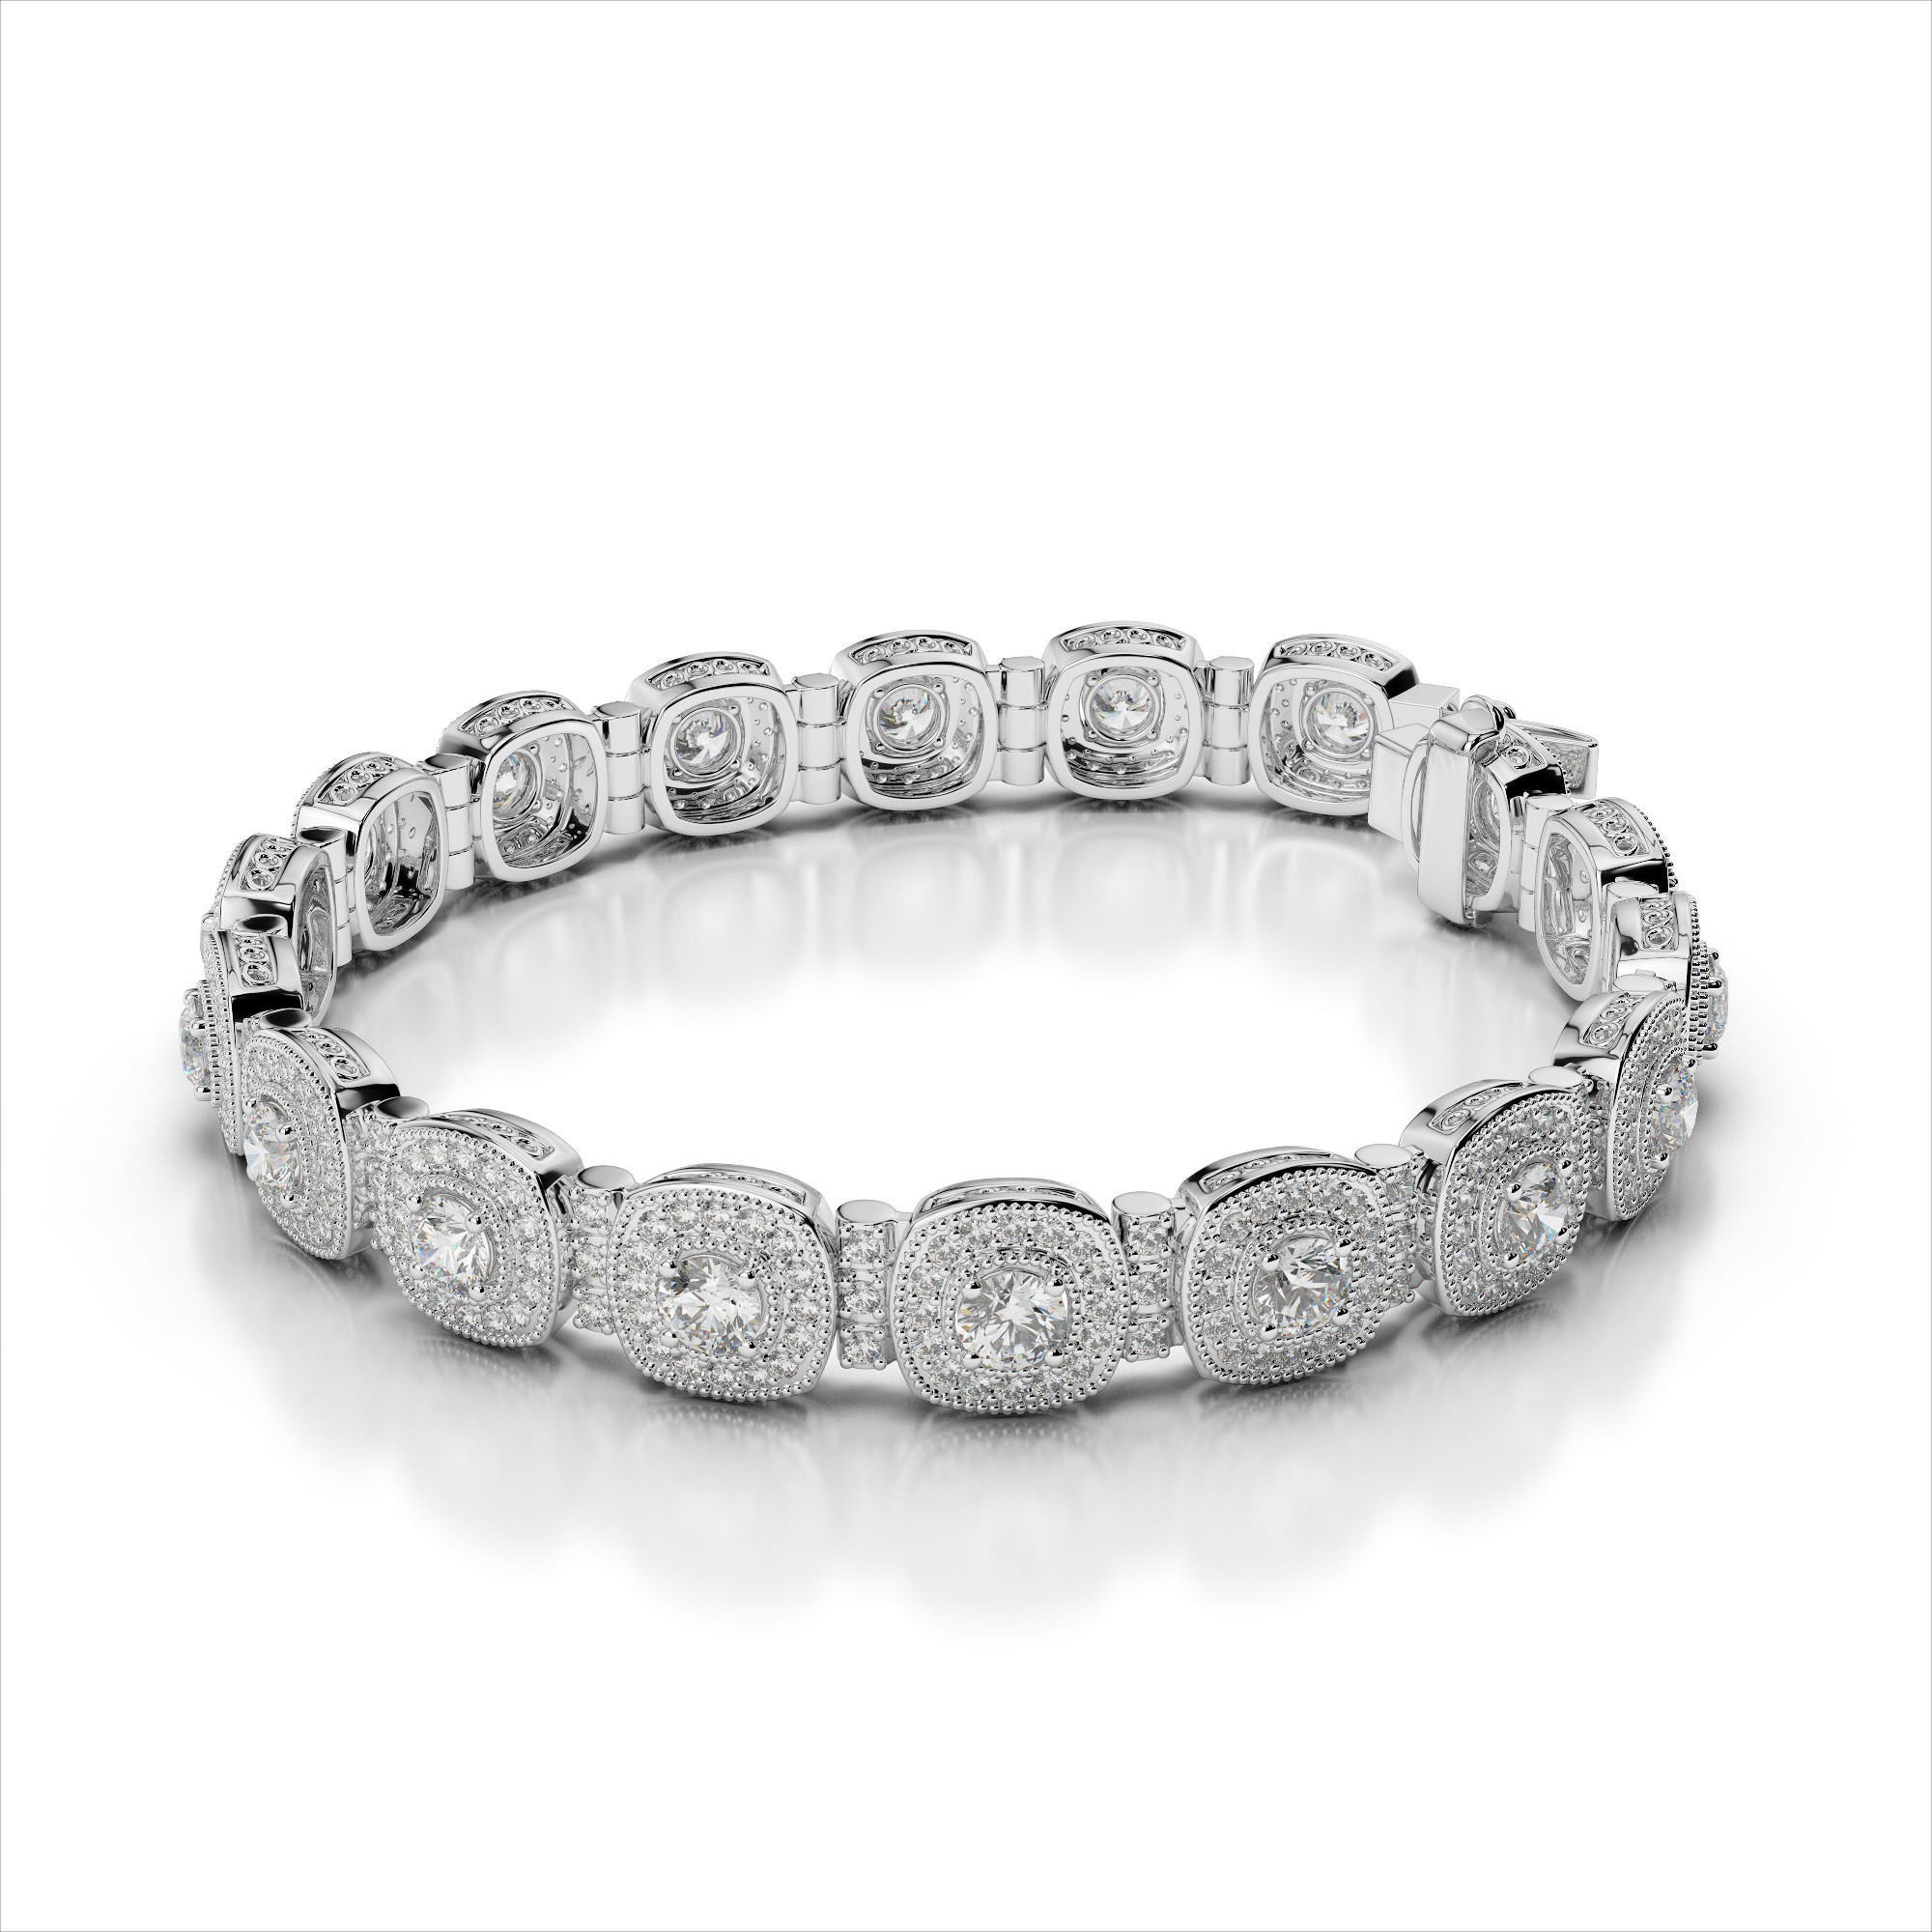 Diamond Halo Bracelet with Diamond Tube Links